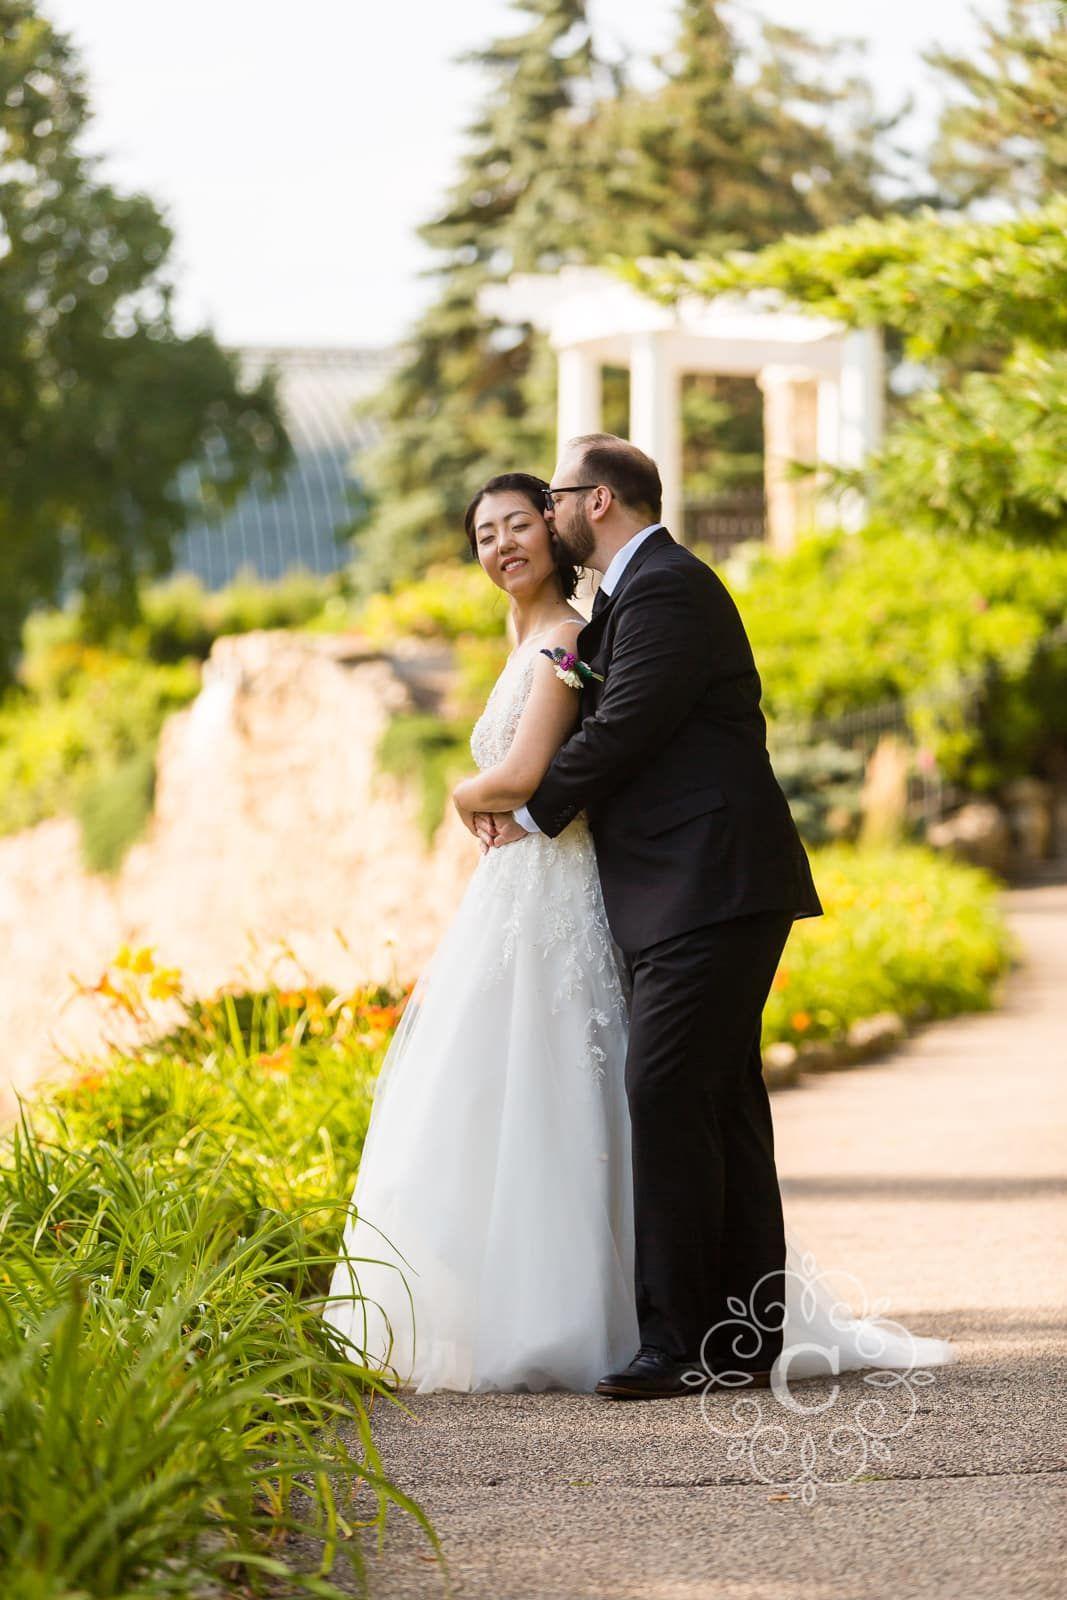 Como Conservatory Sunken Garden Wedding Photos Wedding